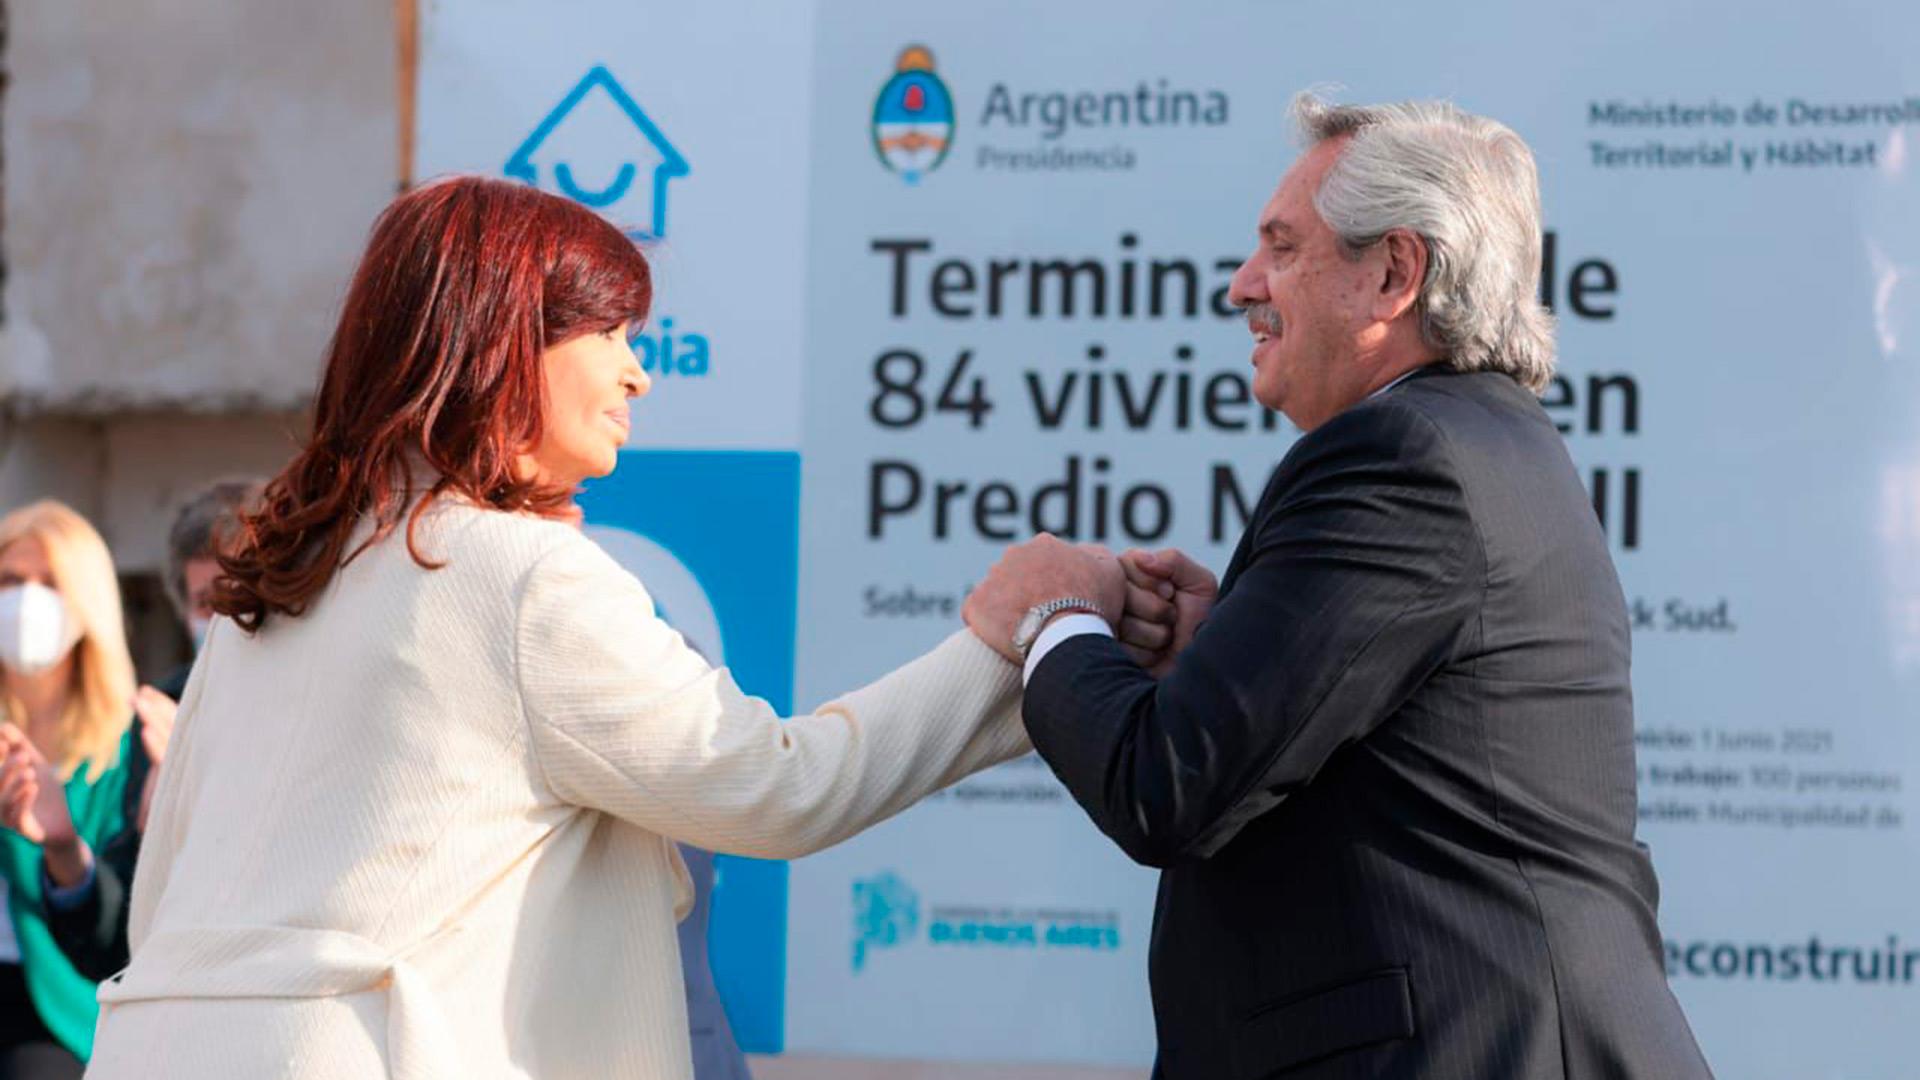 """El apoyo de Cristina Kirchner al Presidente: """"Alberto, tranquilo, poné orden en lo que tengas que poner orden, no te pongas nervioso y metele para adelante"""""""